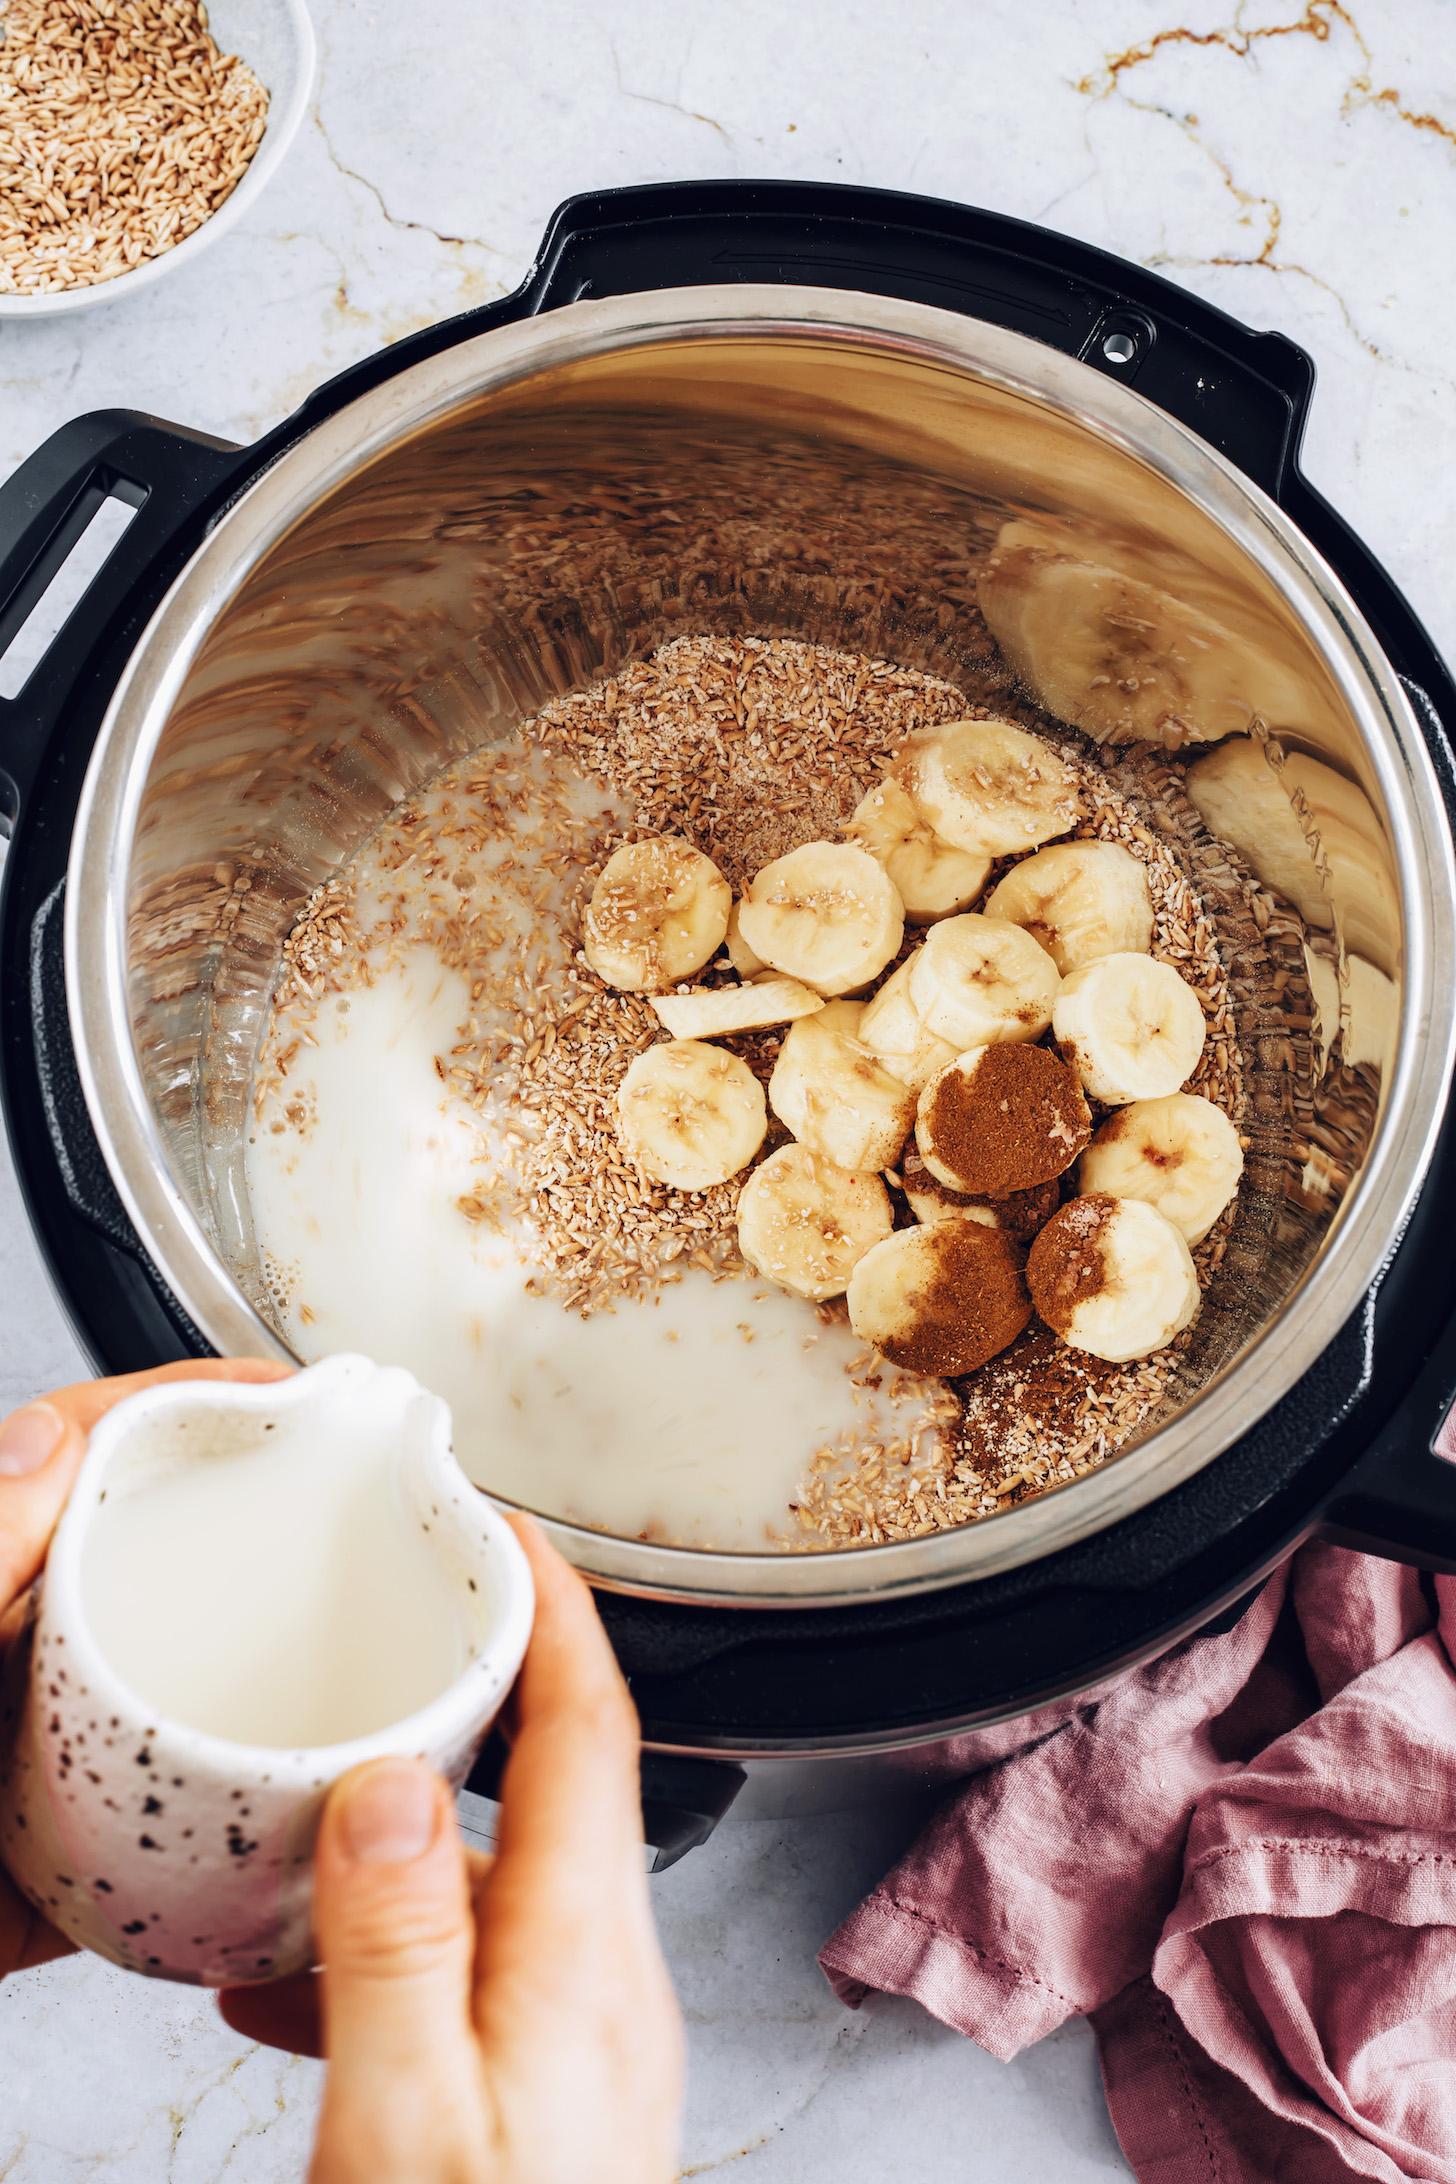 Поливание безмолочного молока овсяных хлопьев, бананов и корицы